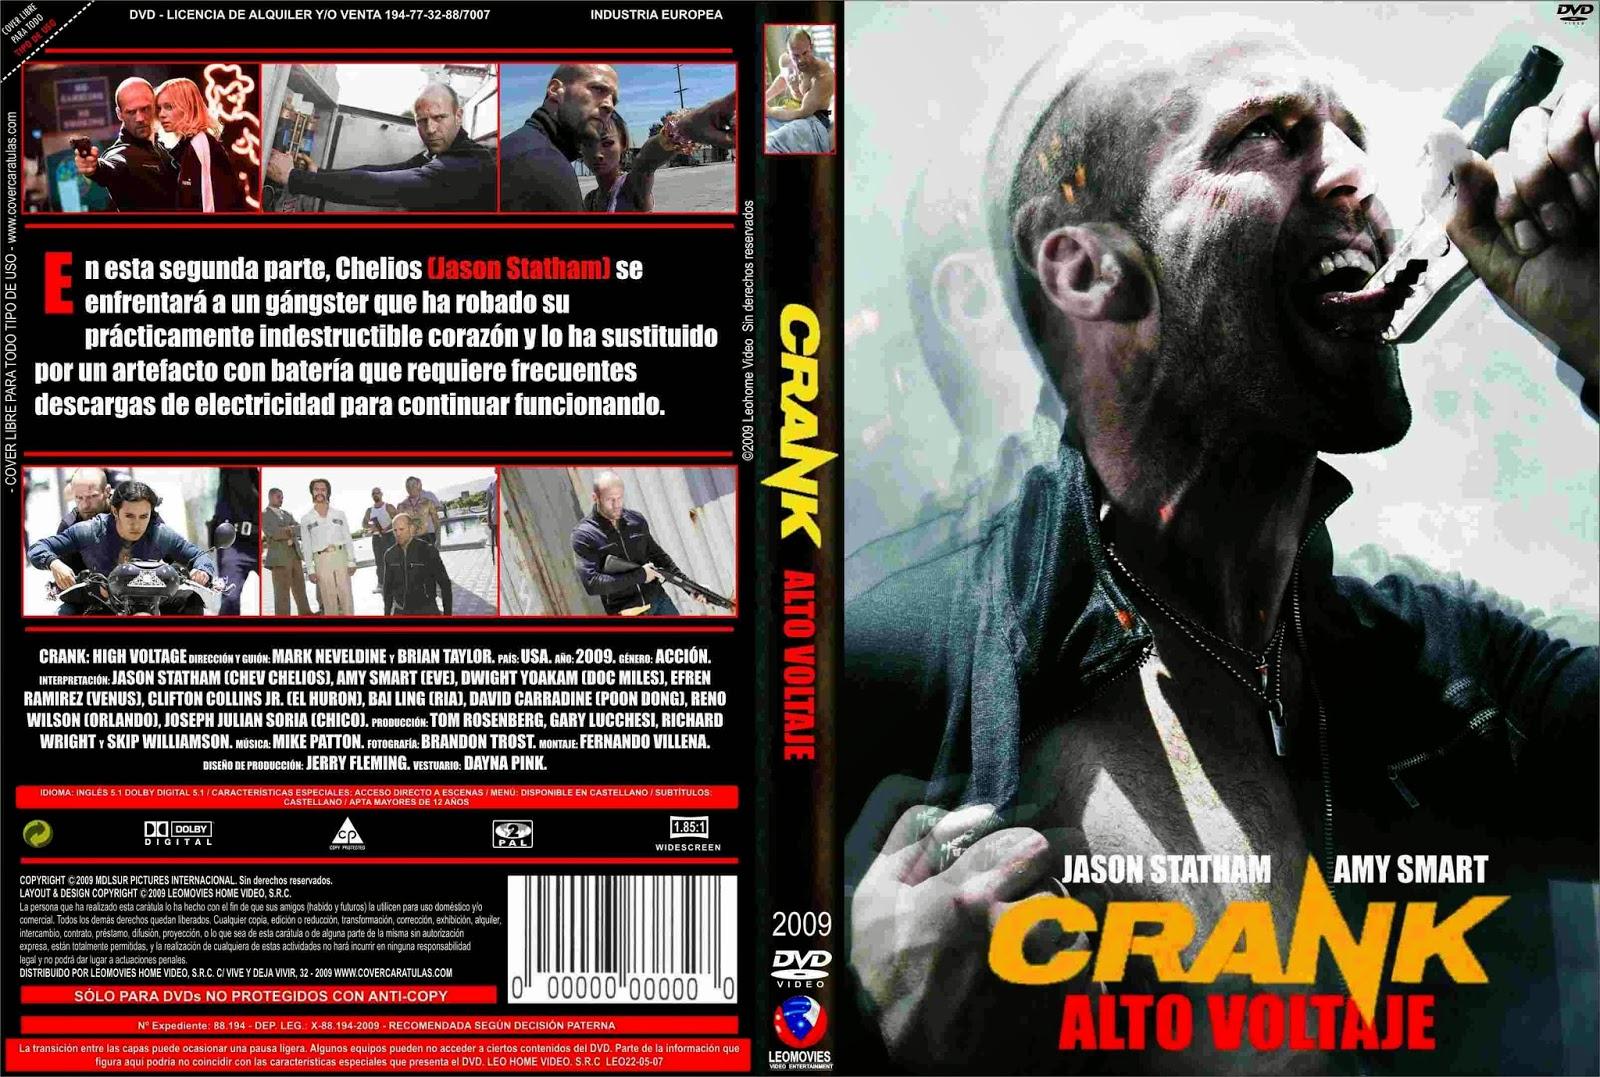 Crank 2 (2009) [Dvdrip Latino] [Zippyshare]